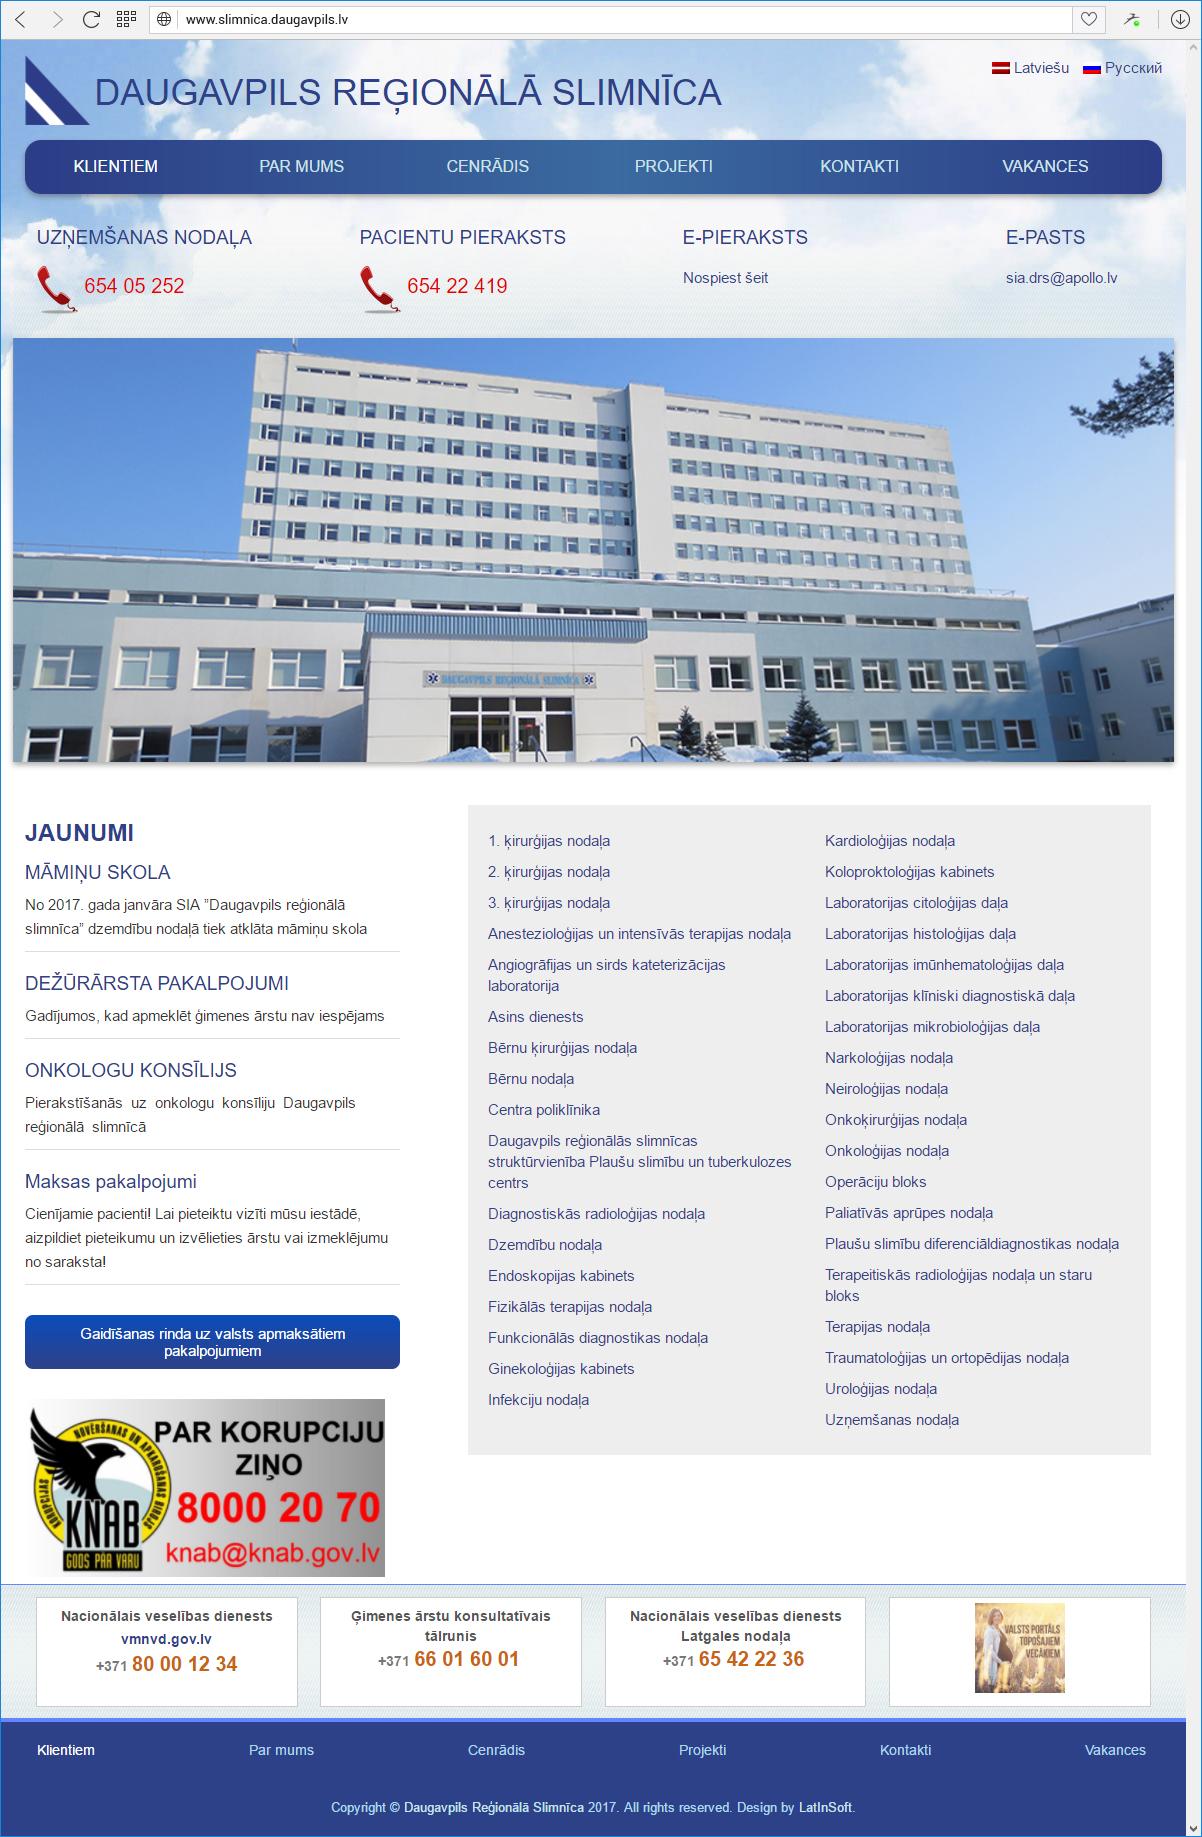 Daugavpils reģionālā slimnīca - главная